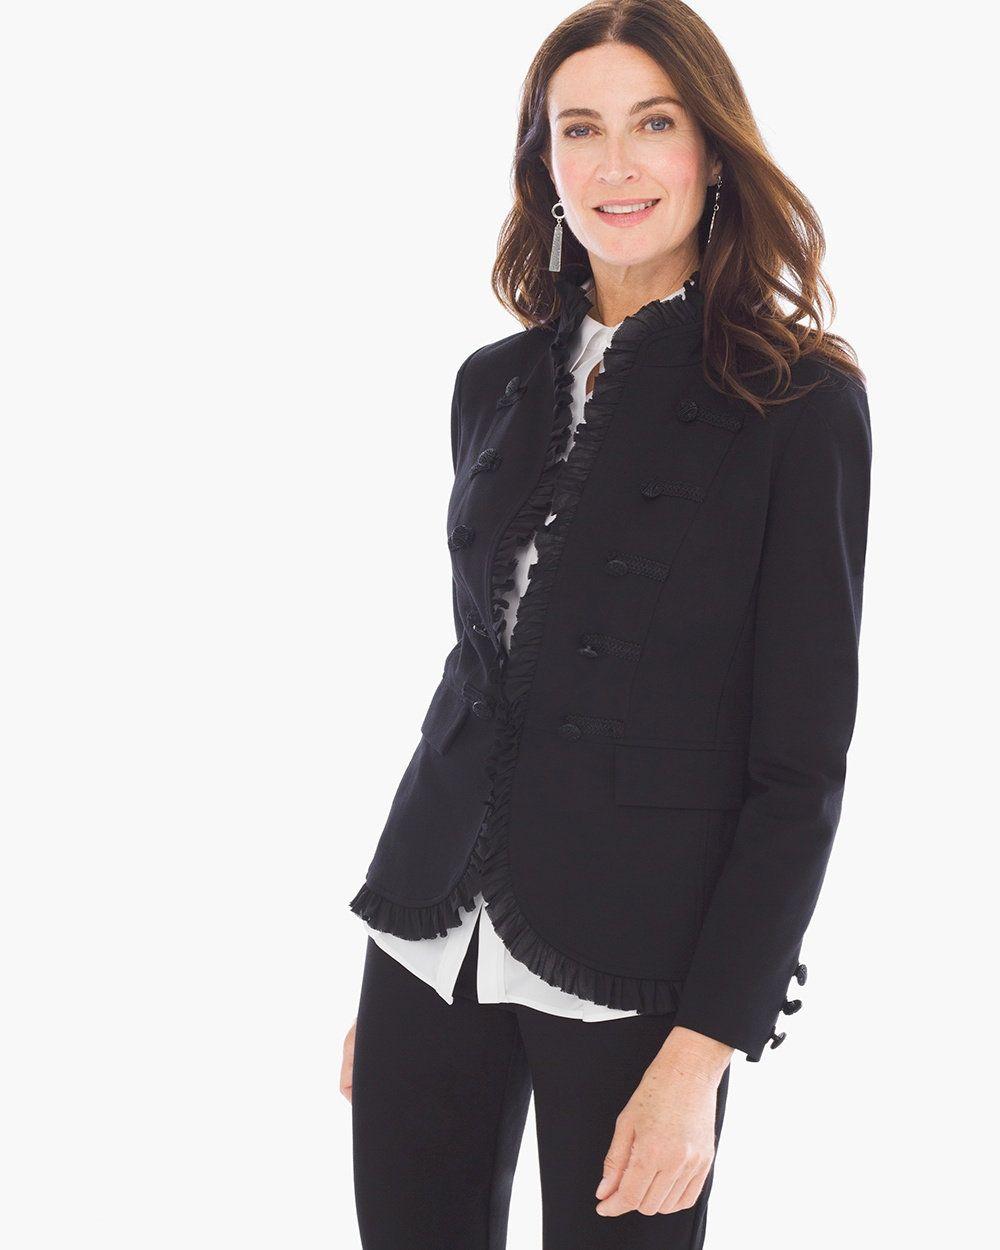 Chico S Velveteen Blazer Clothes Design Outerwear Women Winter Fashion [ 1250 x 1000 Pixel ]